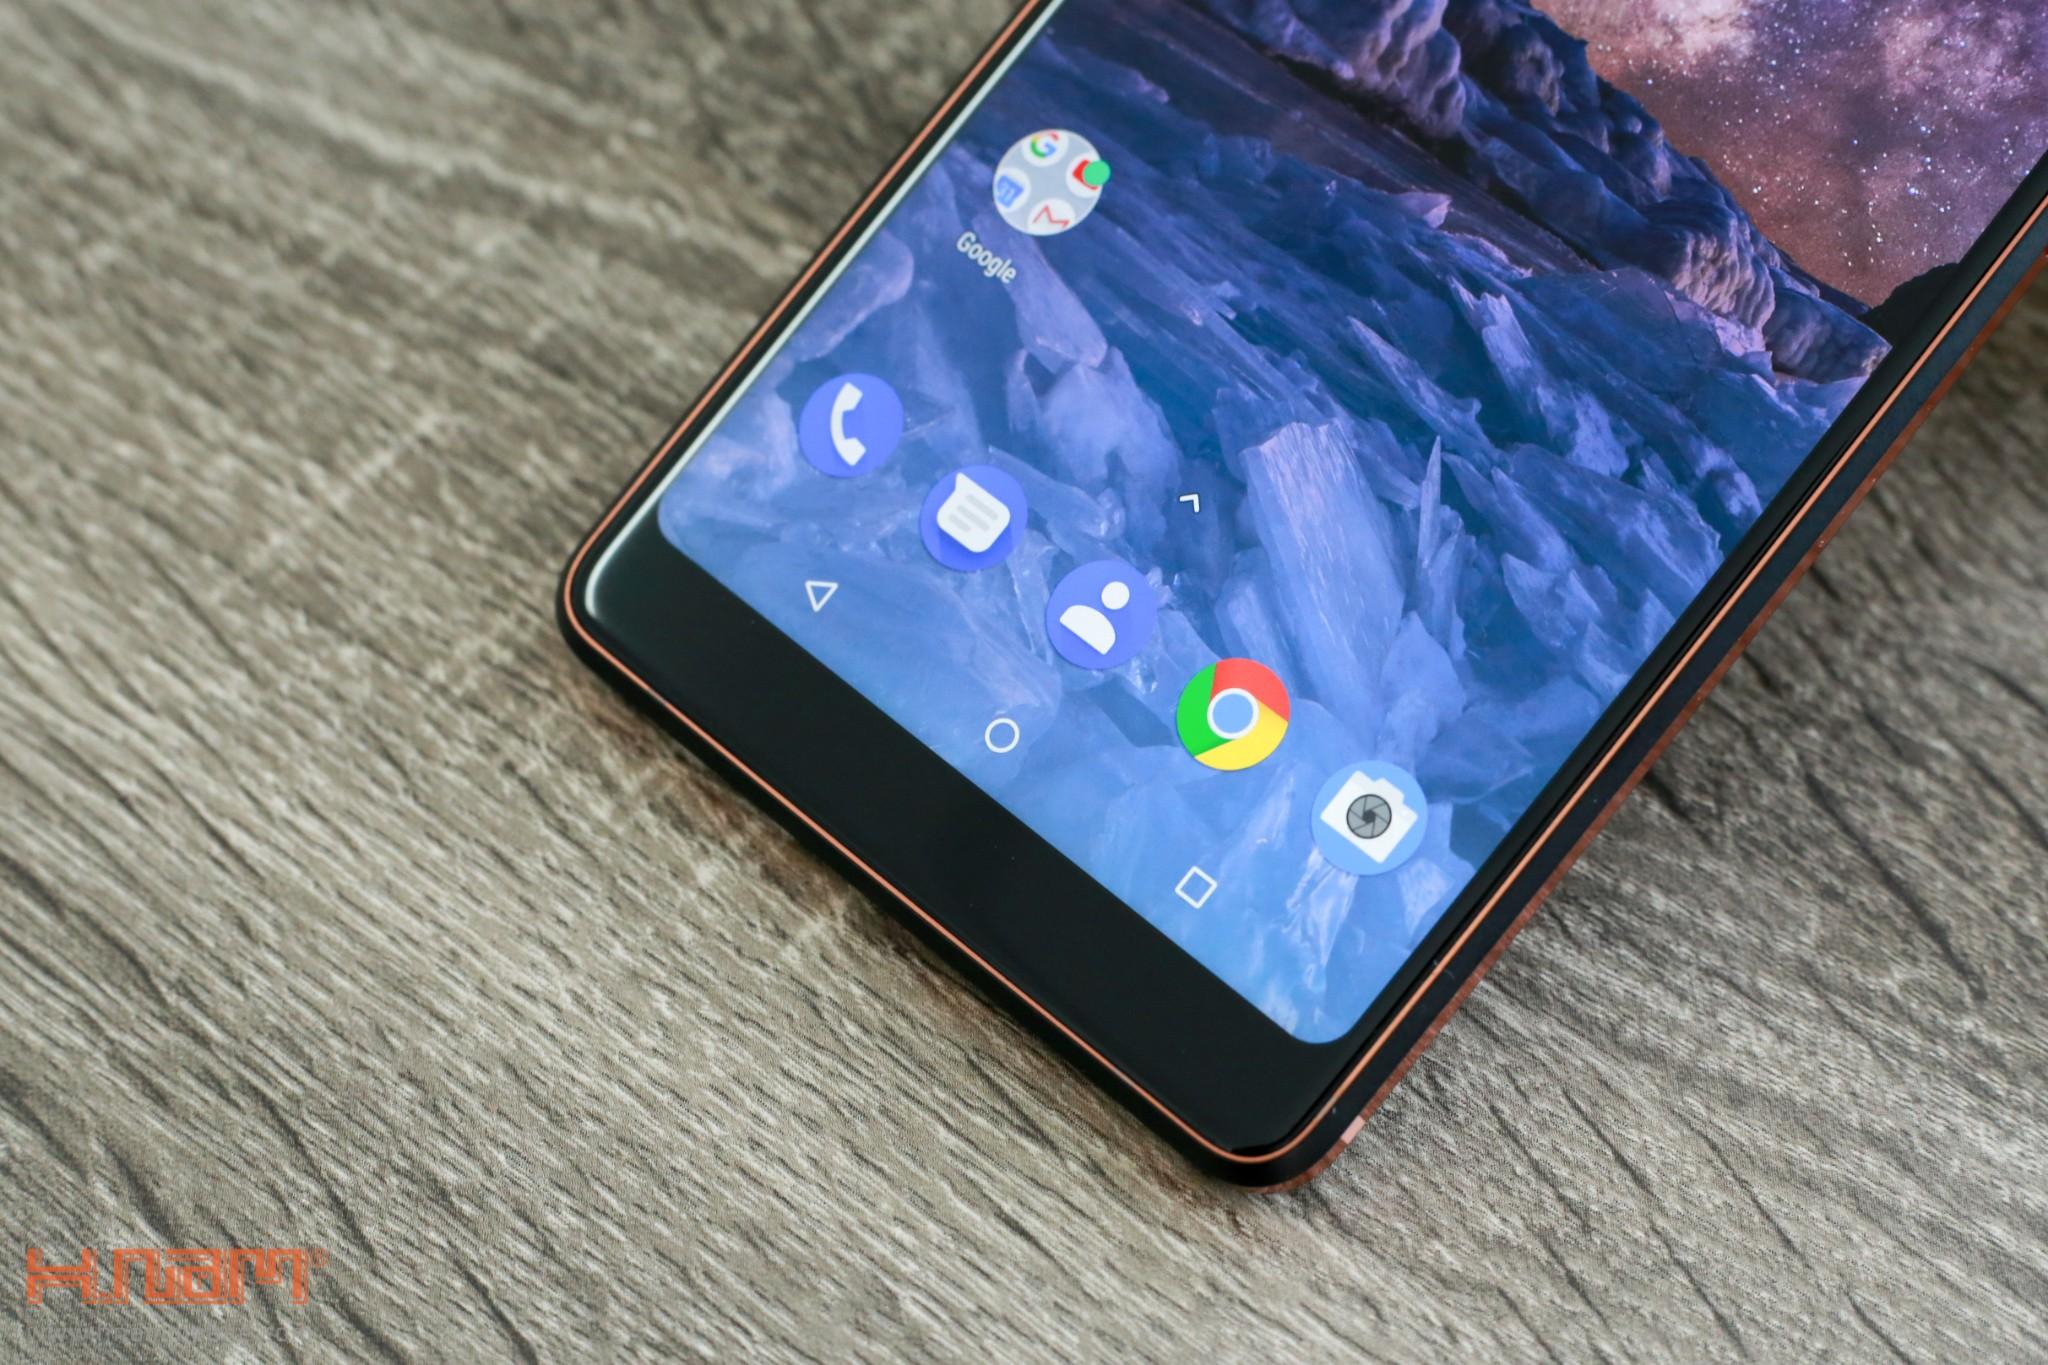 Trên tay Nokia 7 Plus: Smartphone Nokia đầu tiên có màn hình 18:9 hình 12